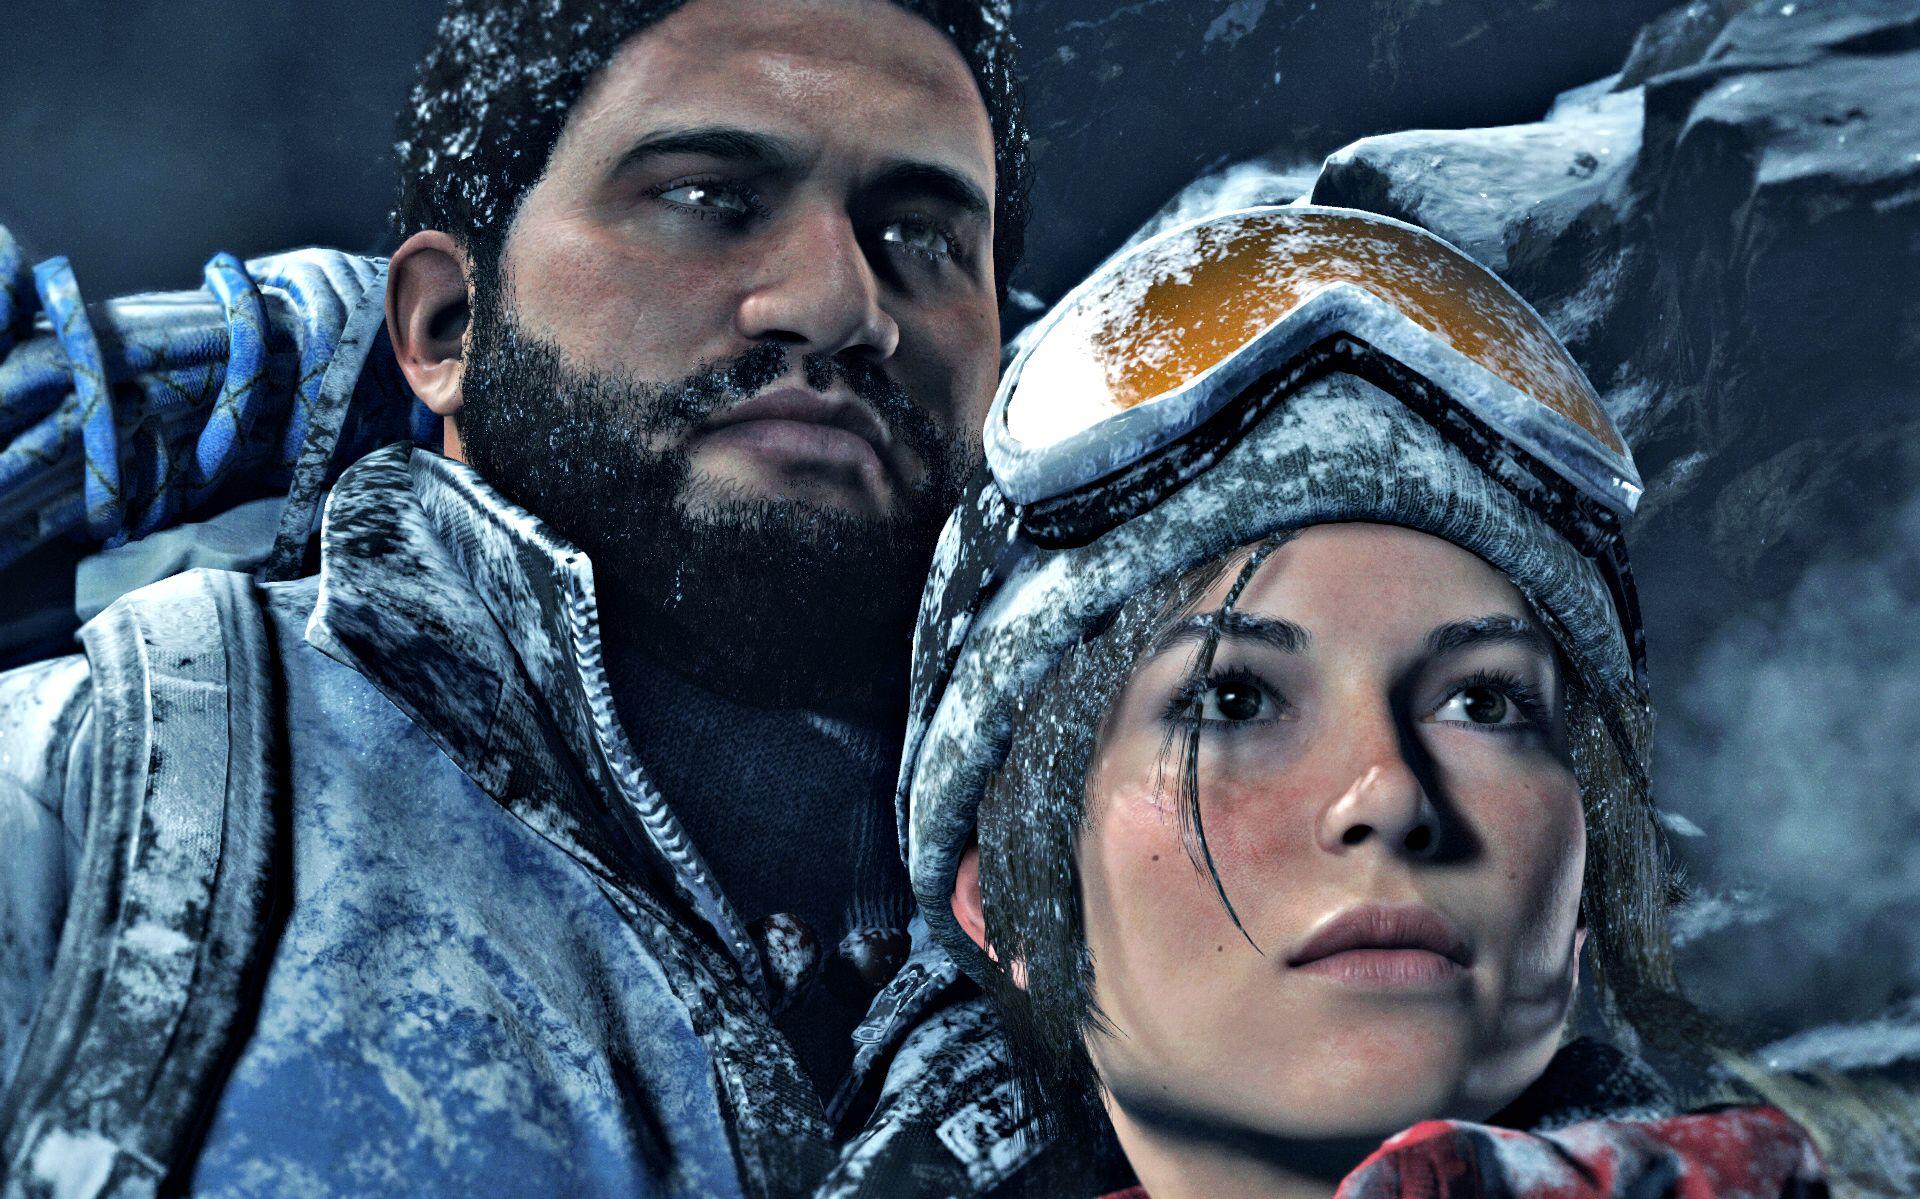 Lara sieht einfach unglaublich aus... nicht nur von den Texturen her.